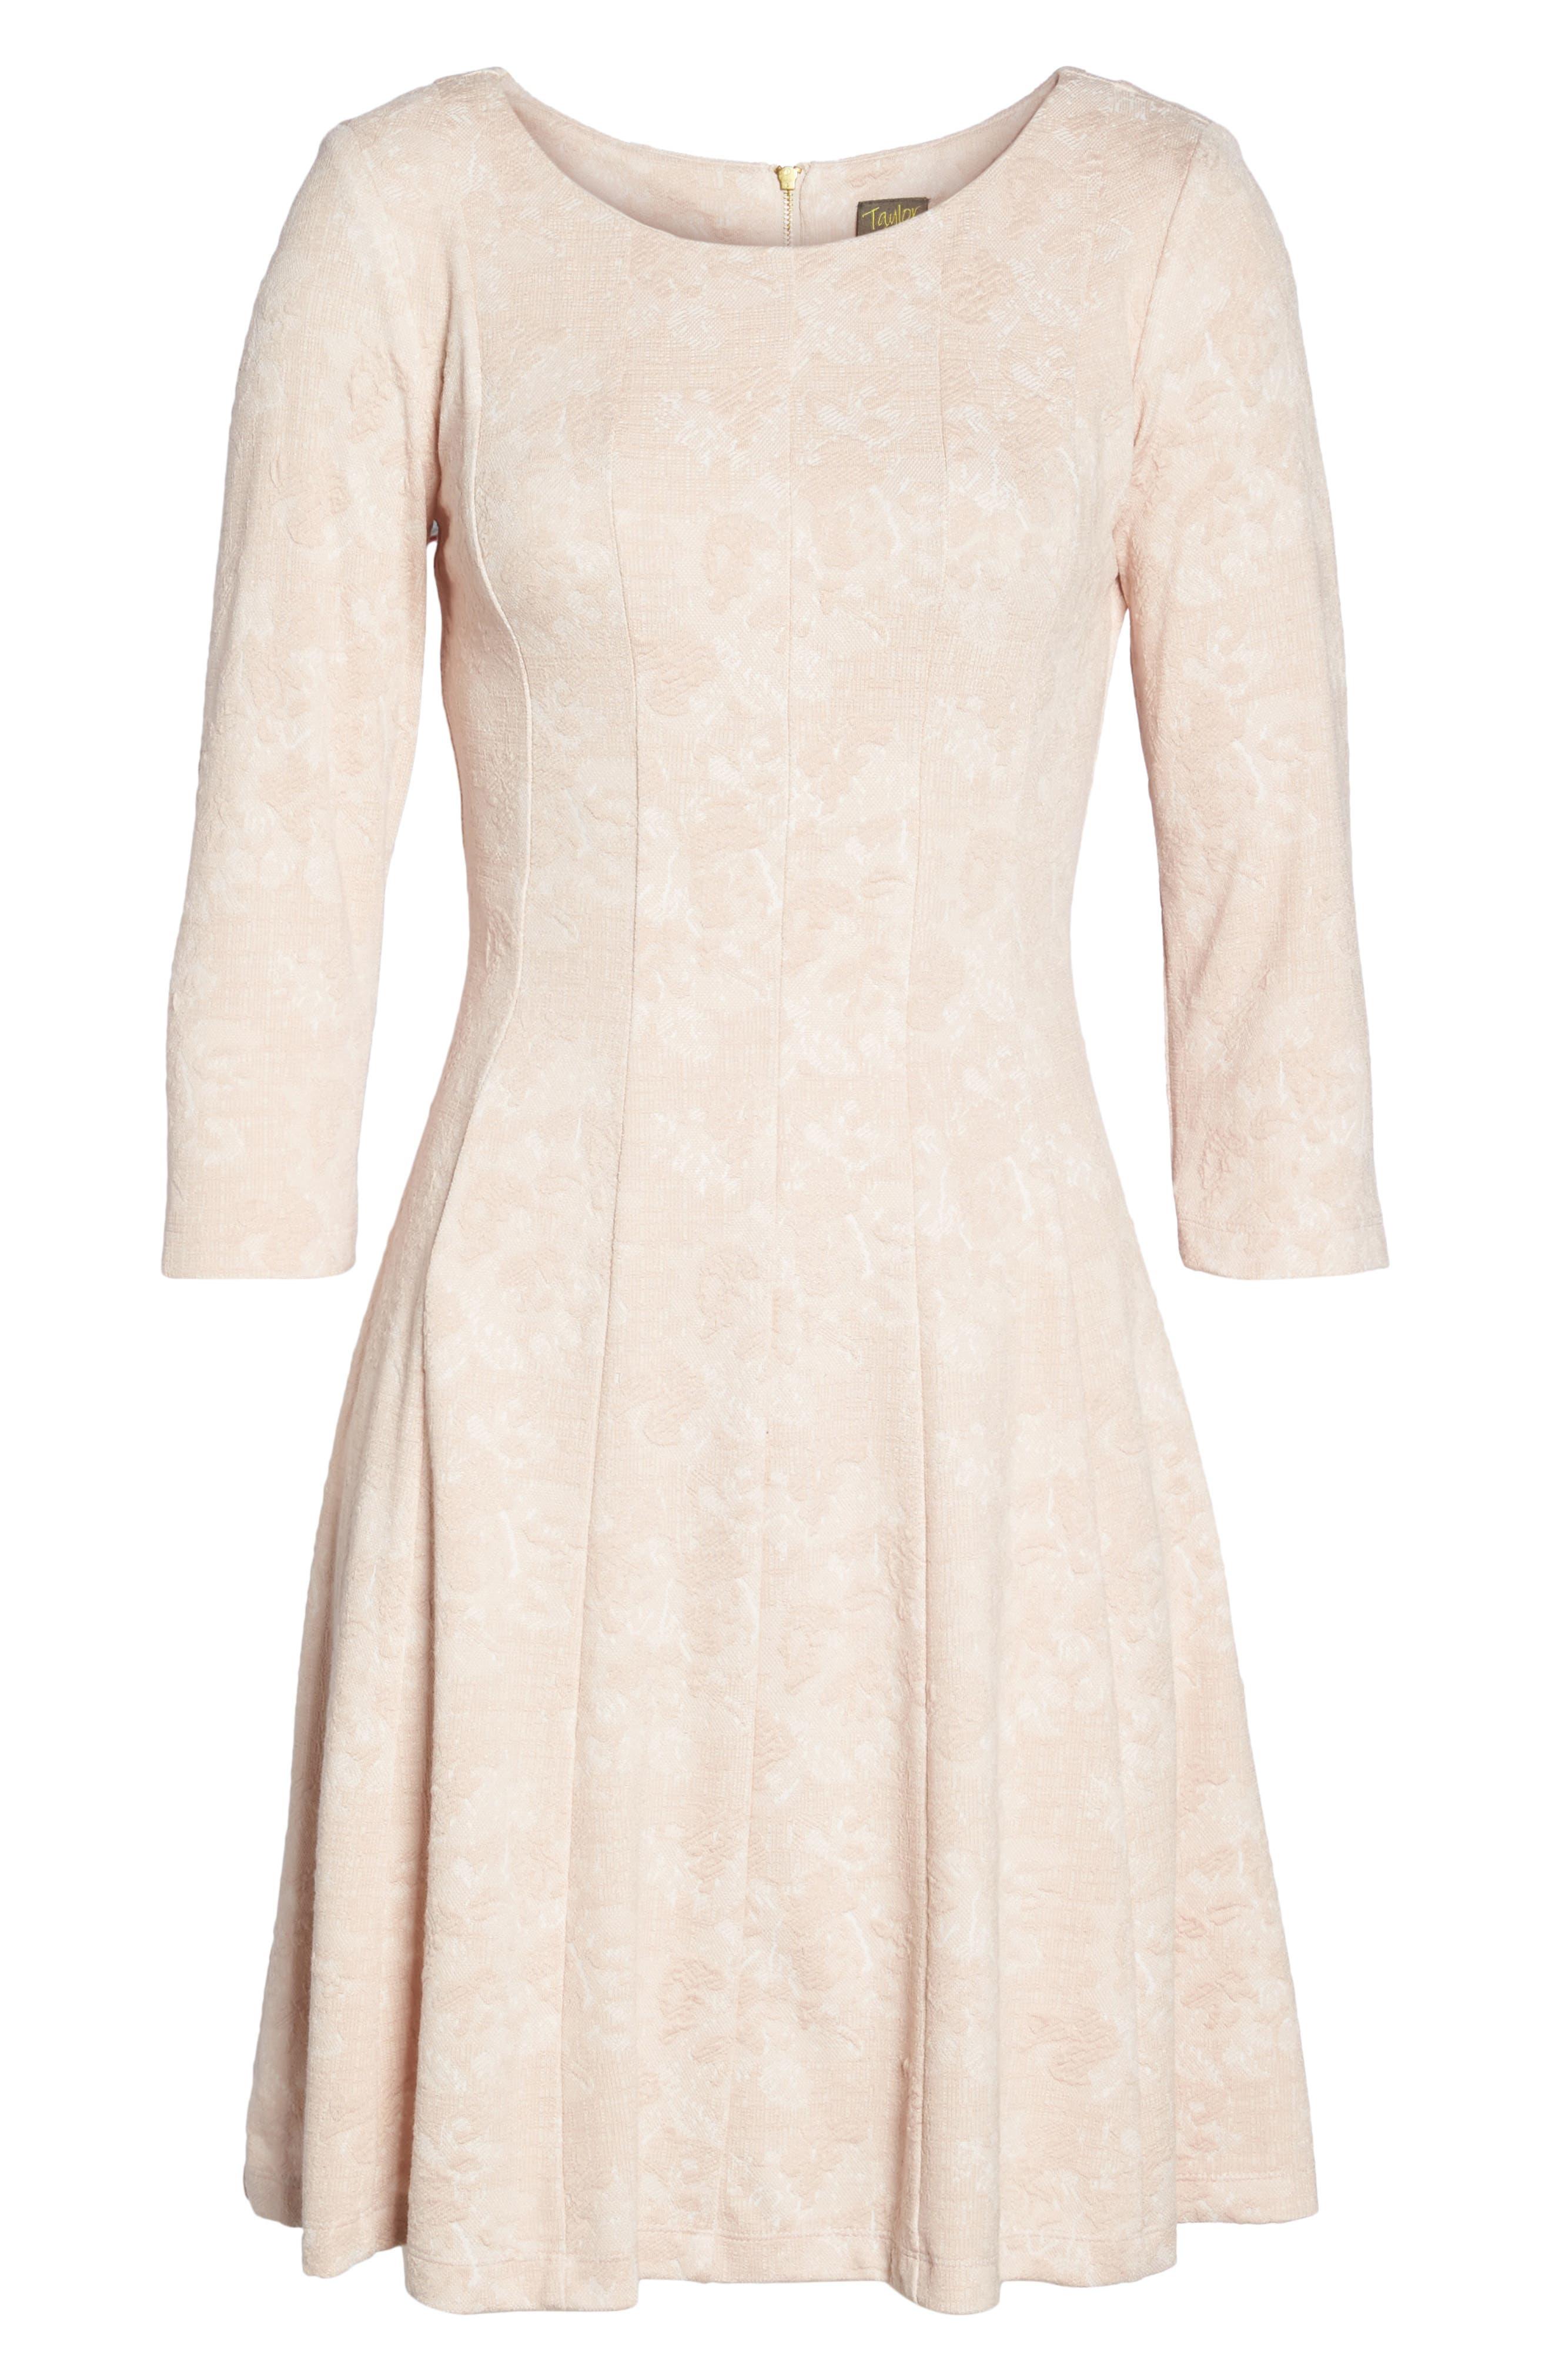 Jacquard Knit Fit & Flare Dress,                             Alternate thumbnail 5, color,                             Blush